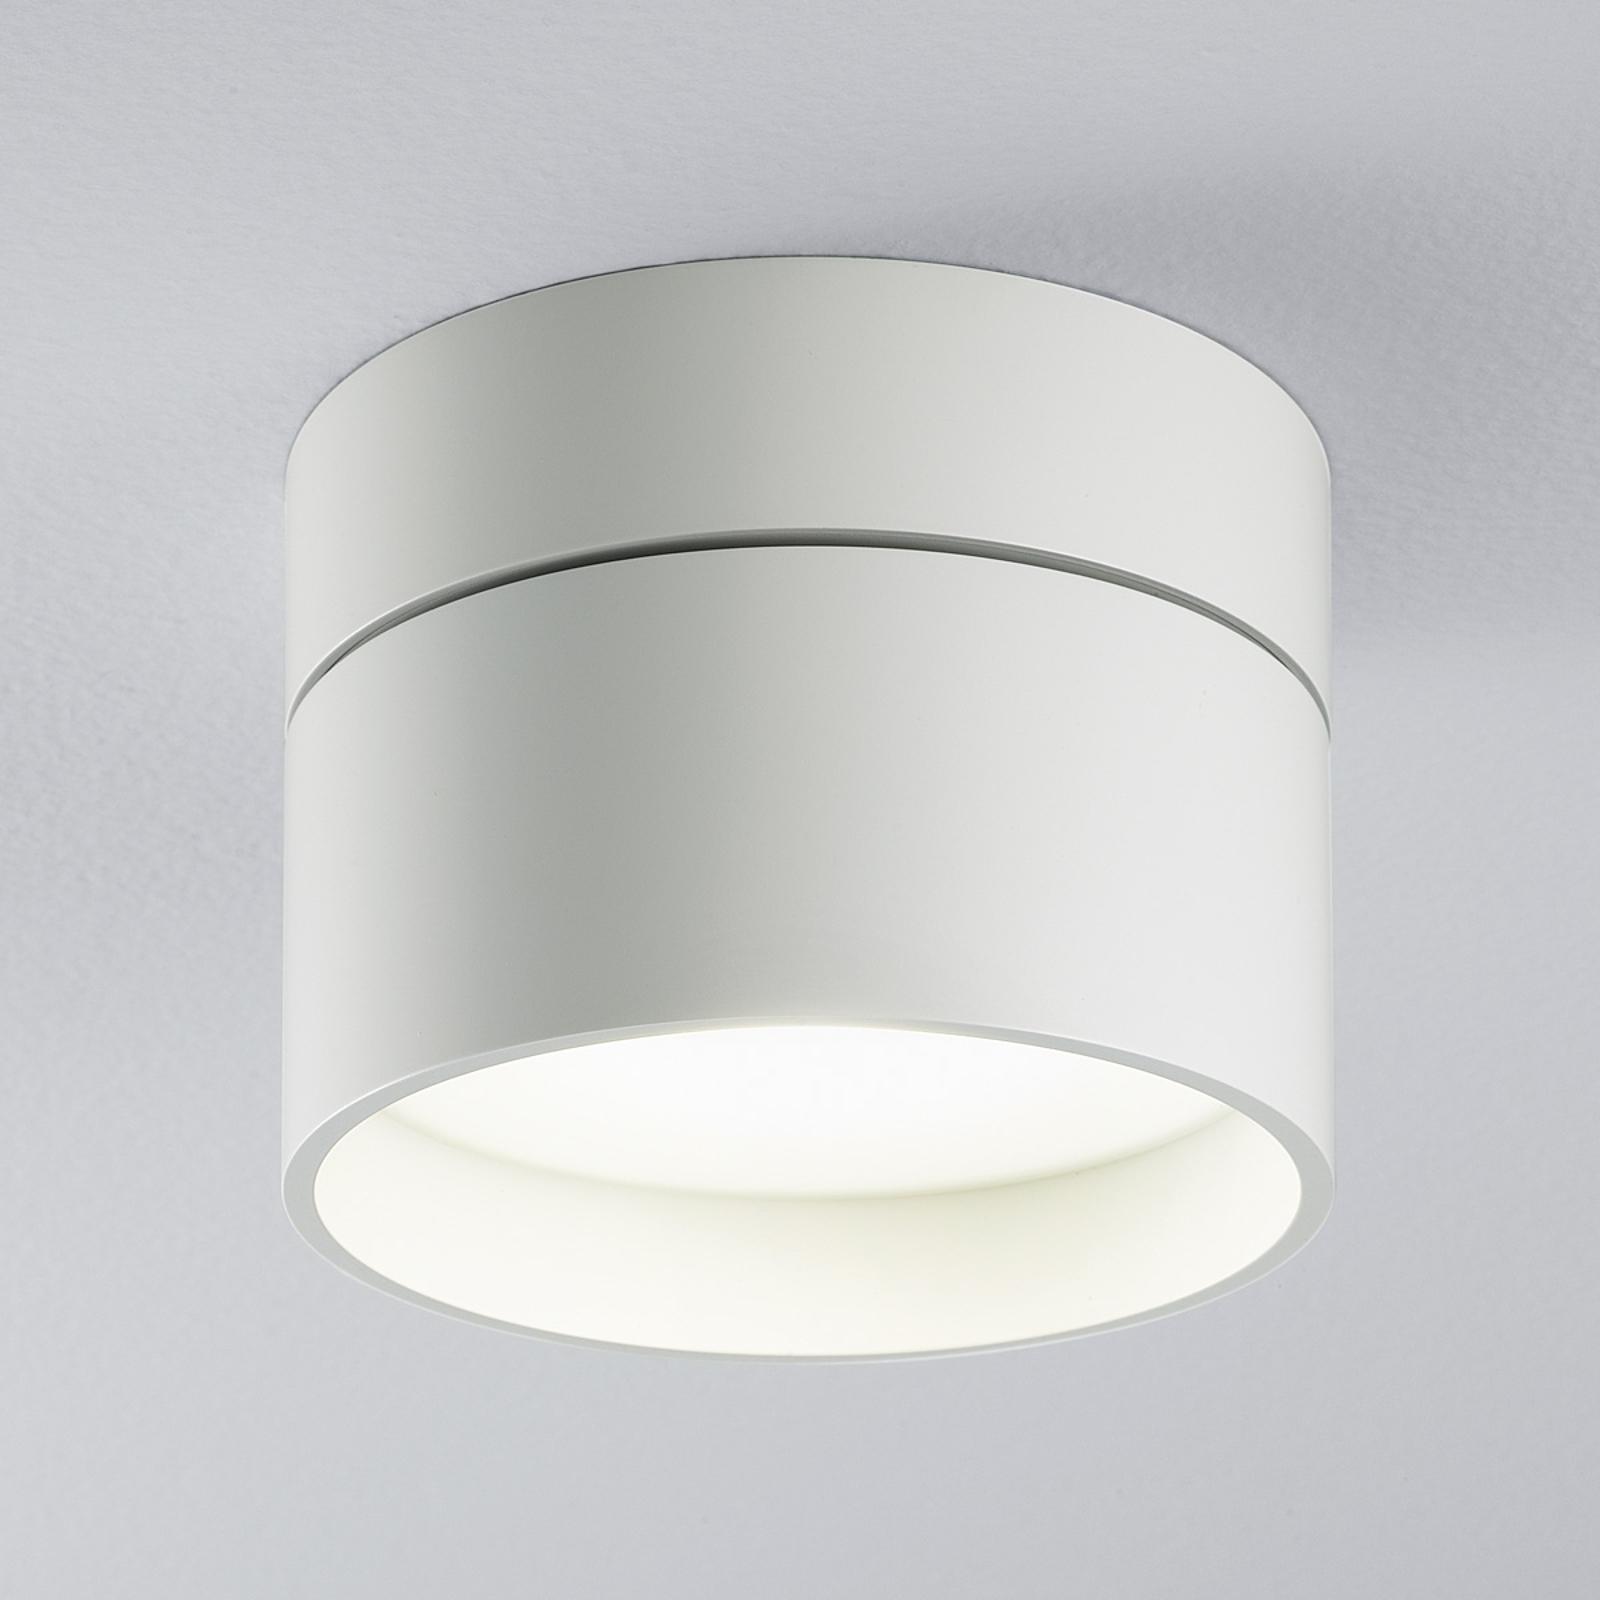 Plafón LED Piper, 11 cm